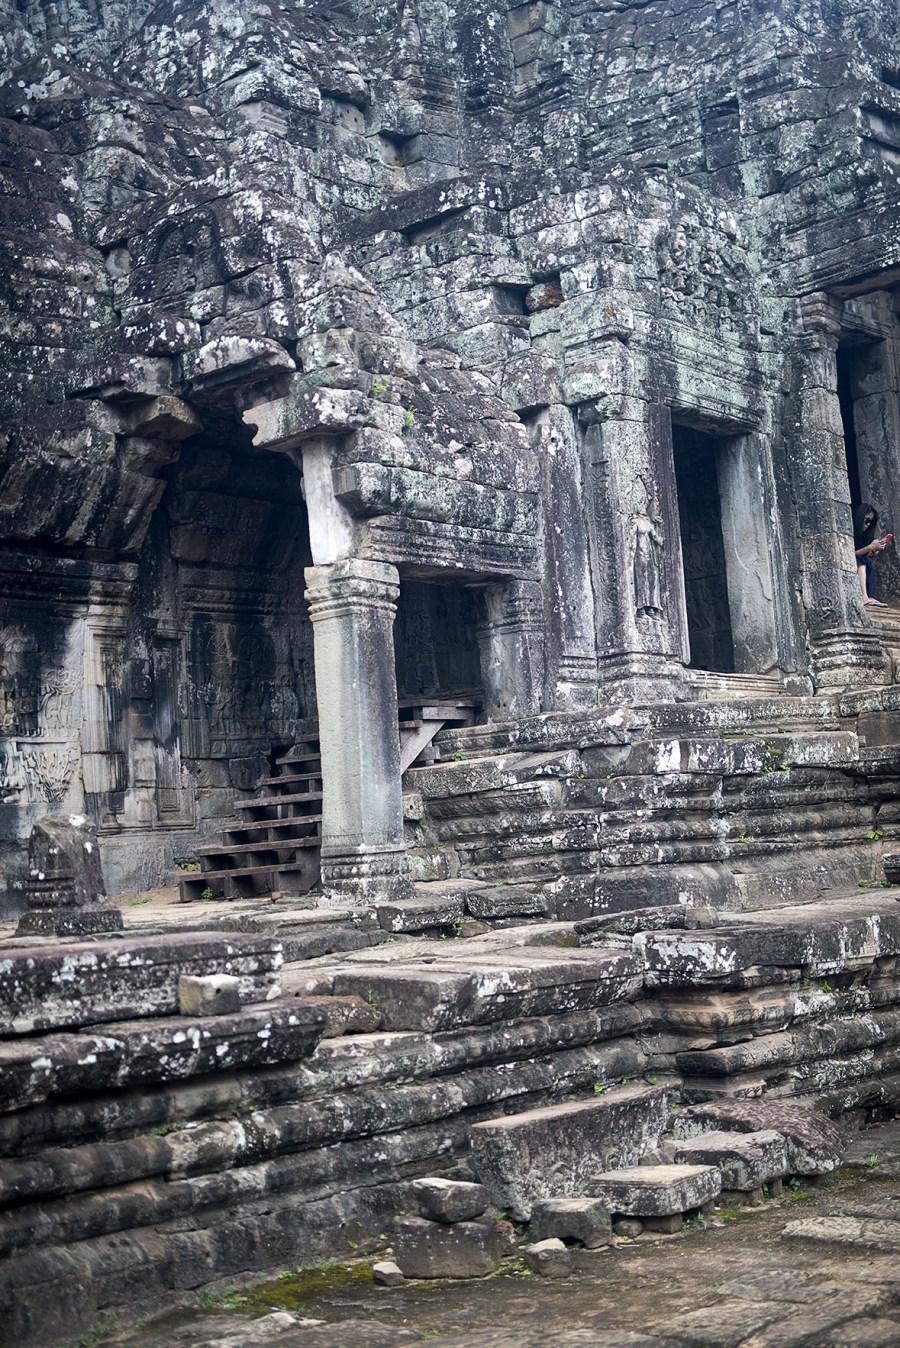 Siem Reap, August 2016, Ankor wat #7465